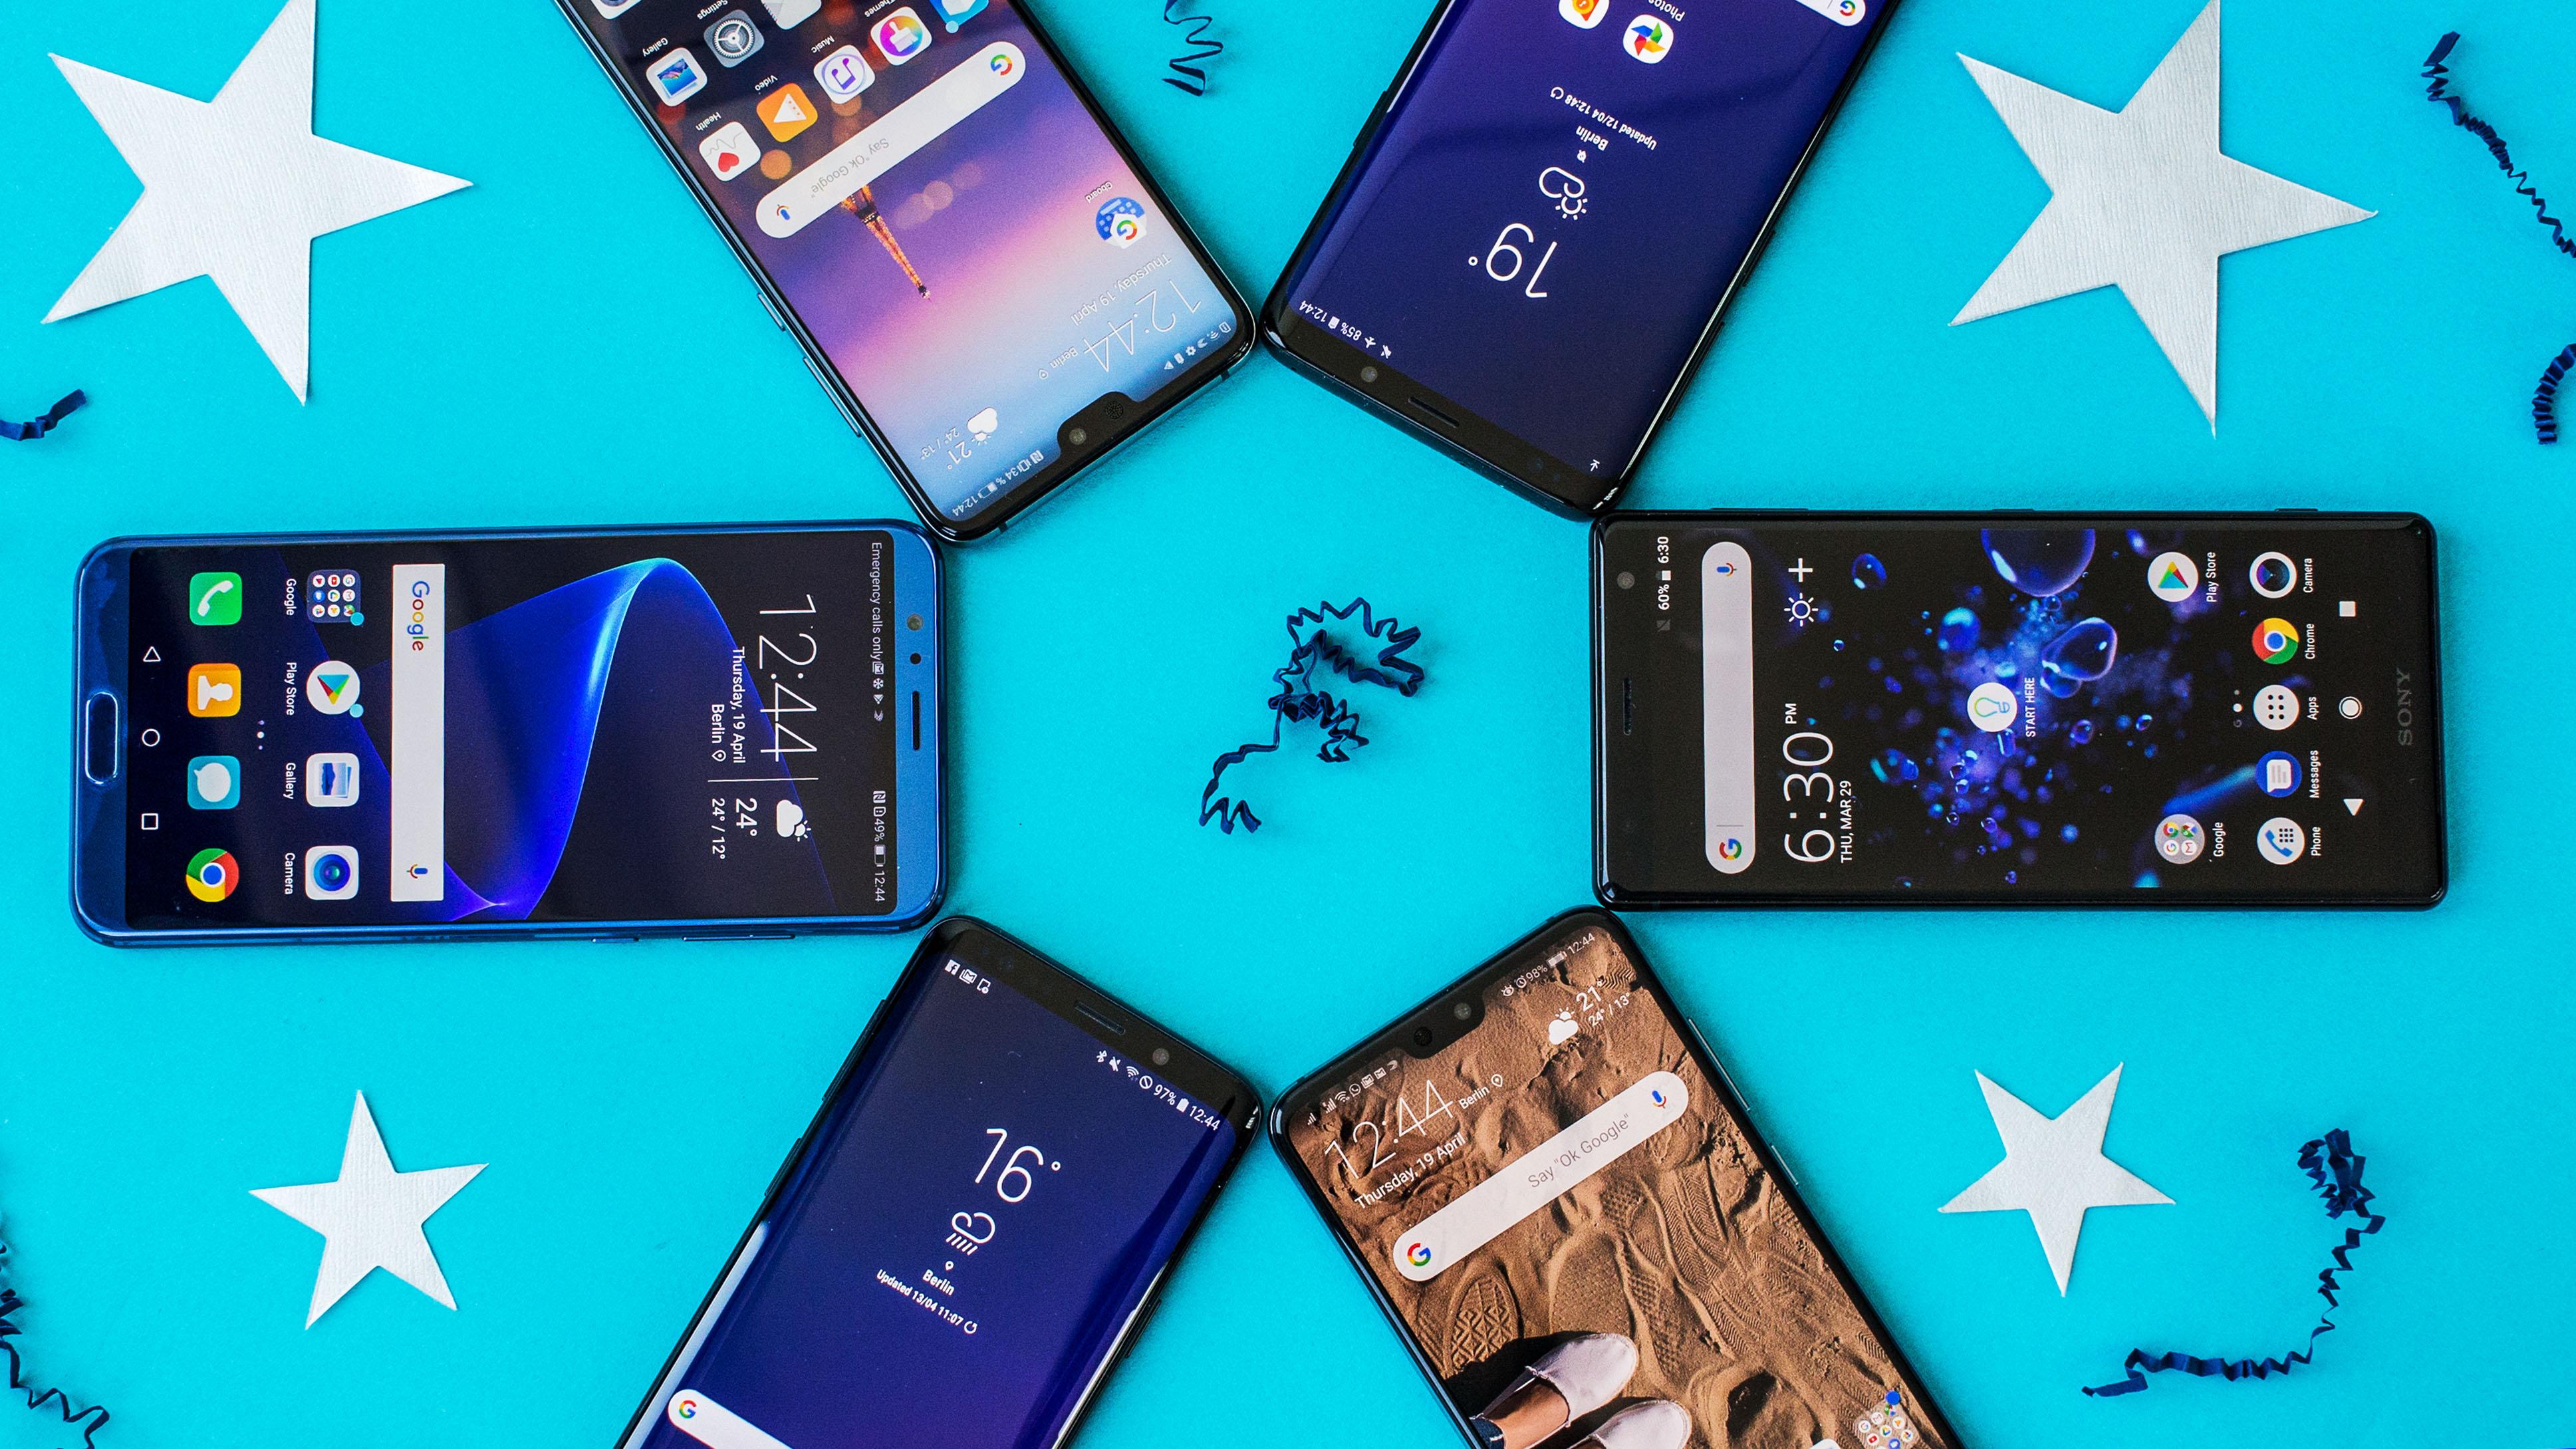 २०१८ मा स्मार्टफोन जगतमा आएका सुधारहरु